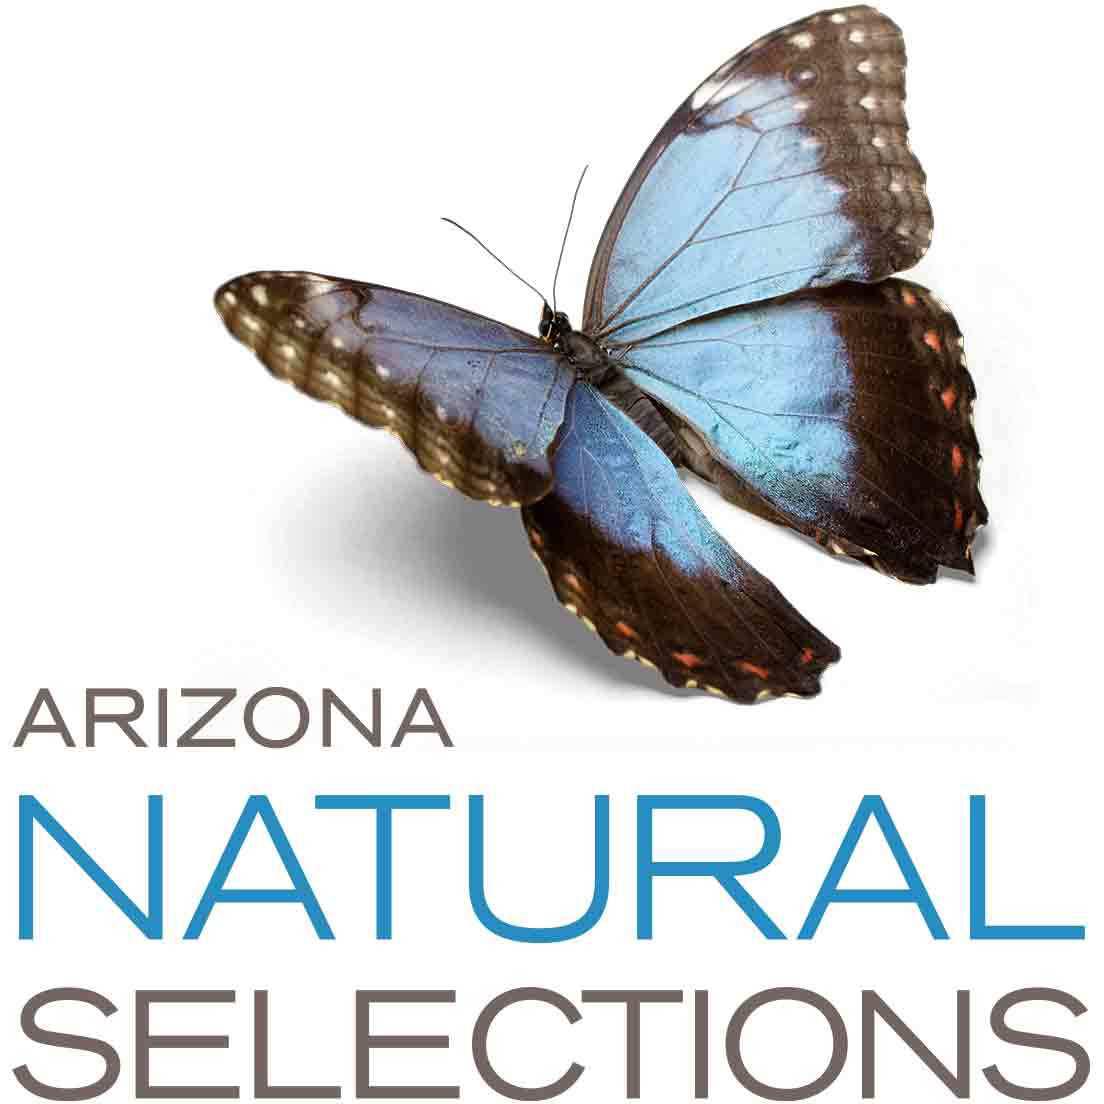 arizona natural selections